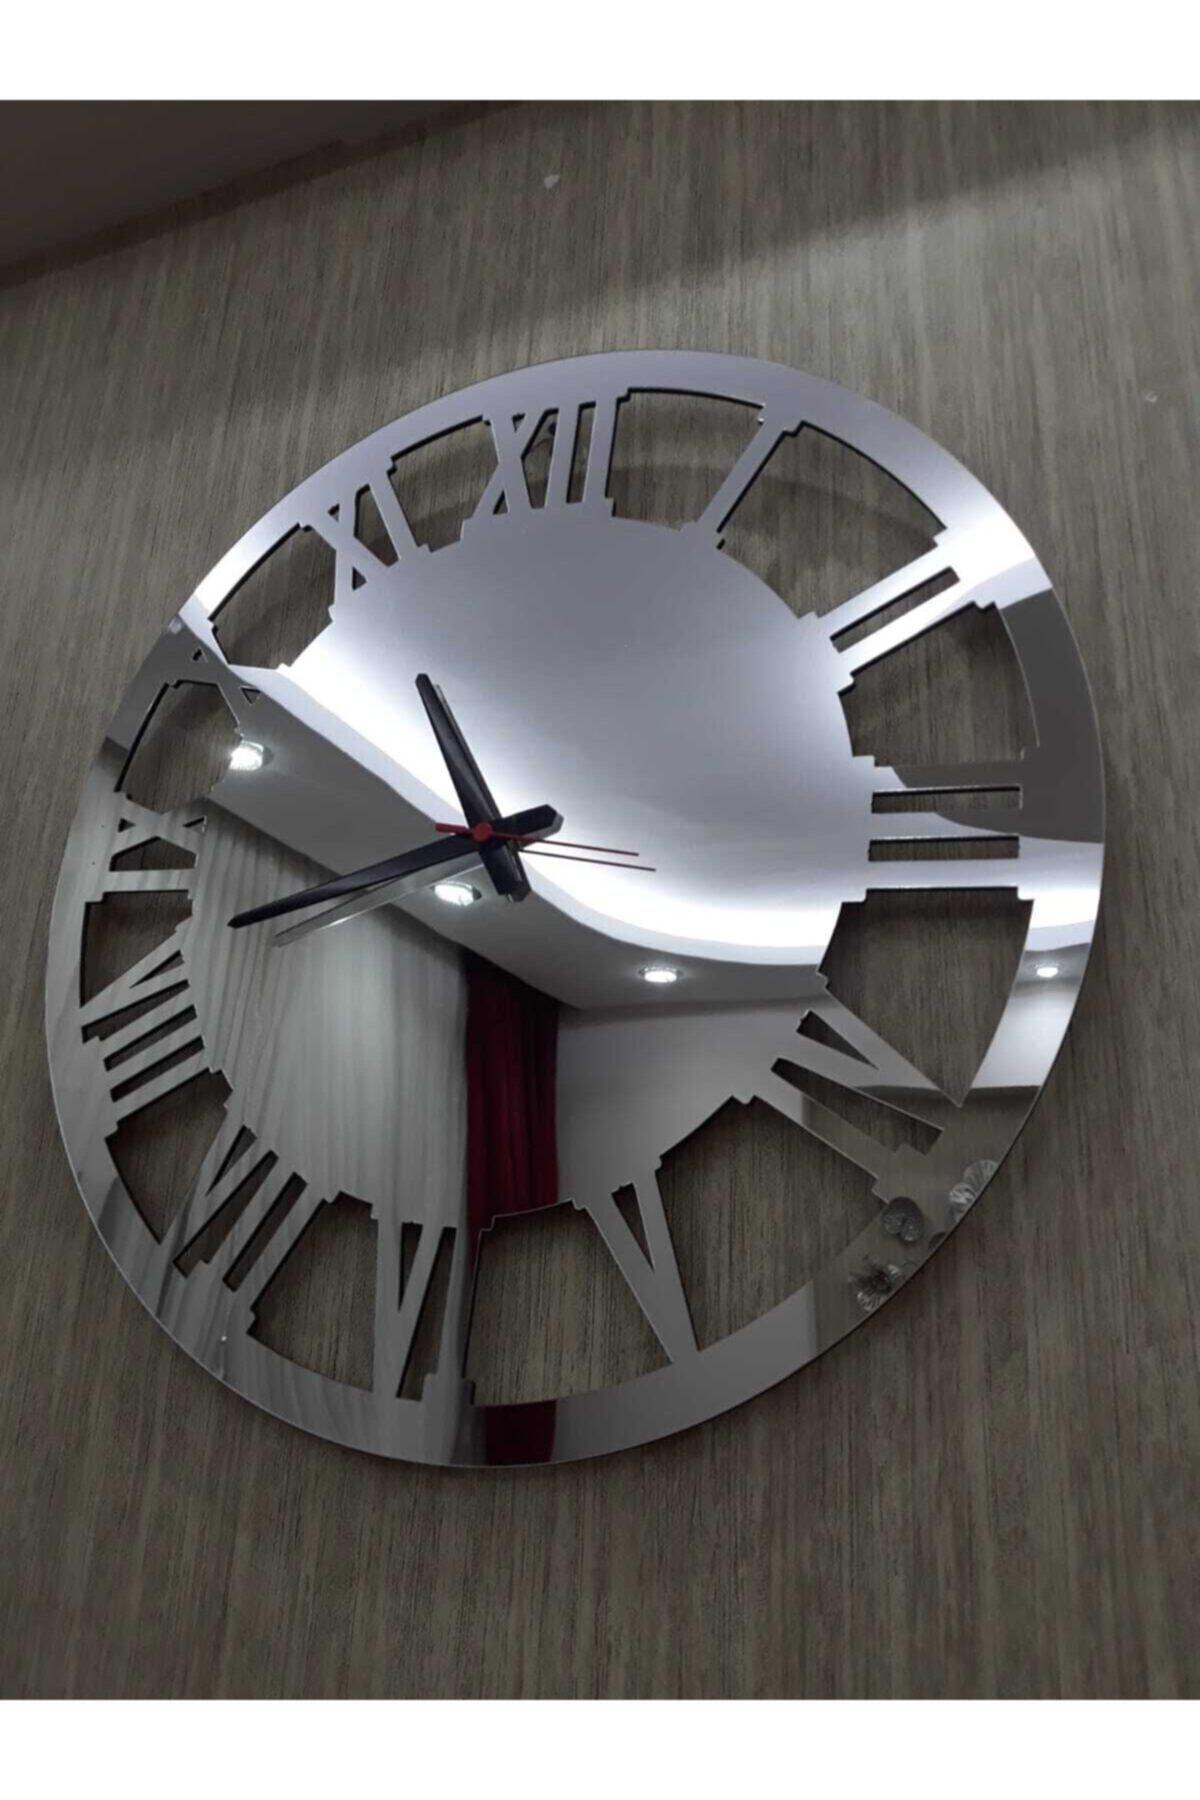 Gümüş 50x50 cm Duvar Saati Büyük Yuvarlak Aynalı Pleksi Dekoratif Ofis Ev Saati